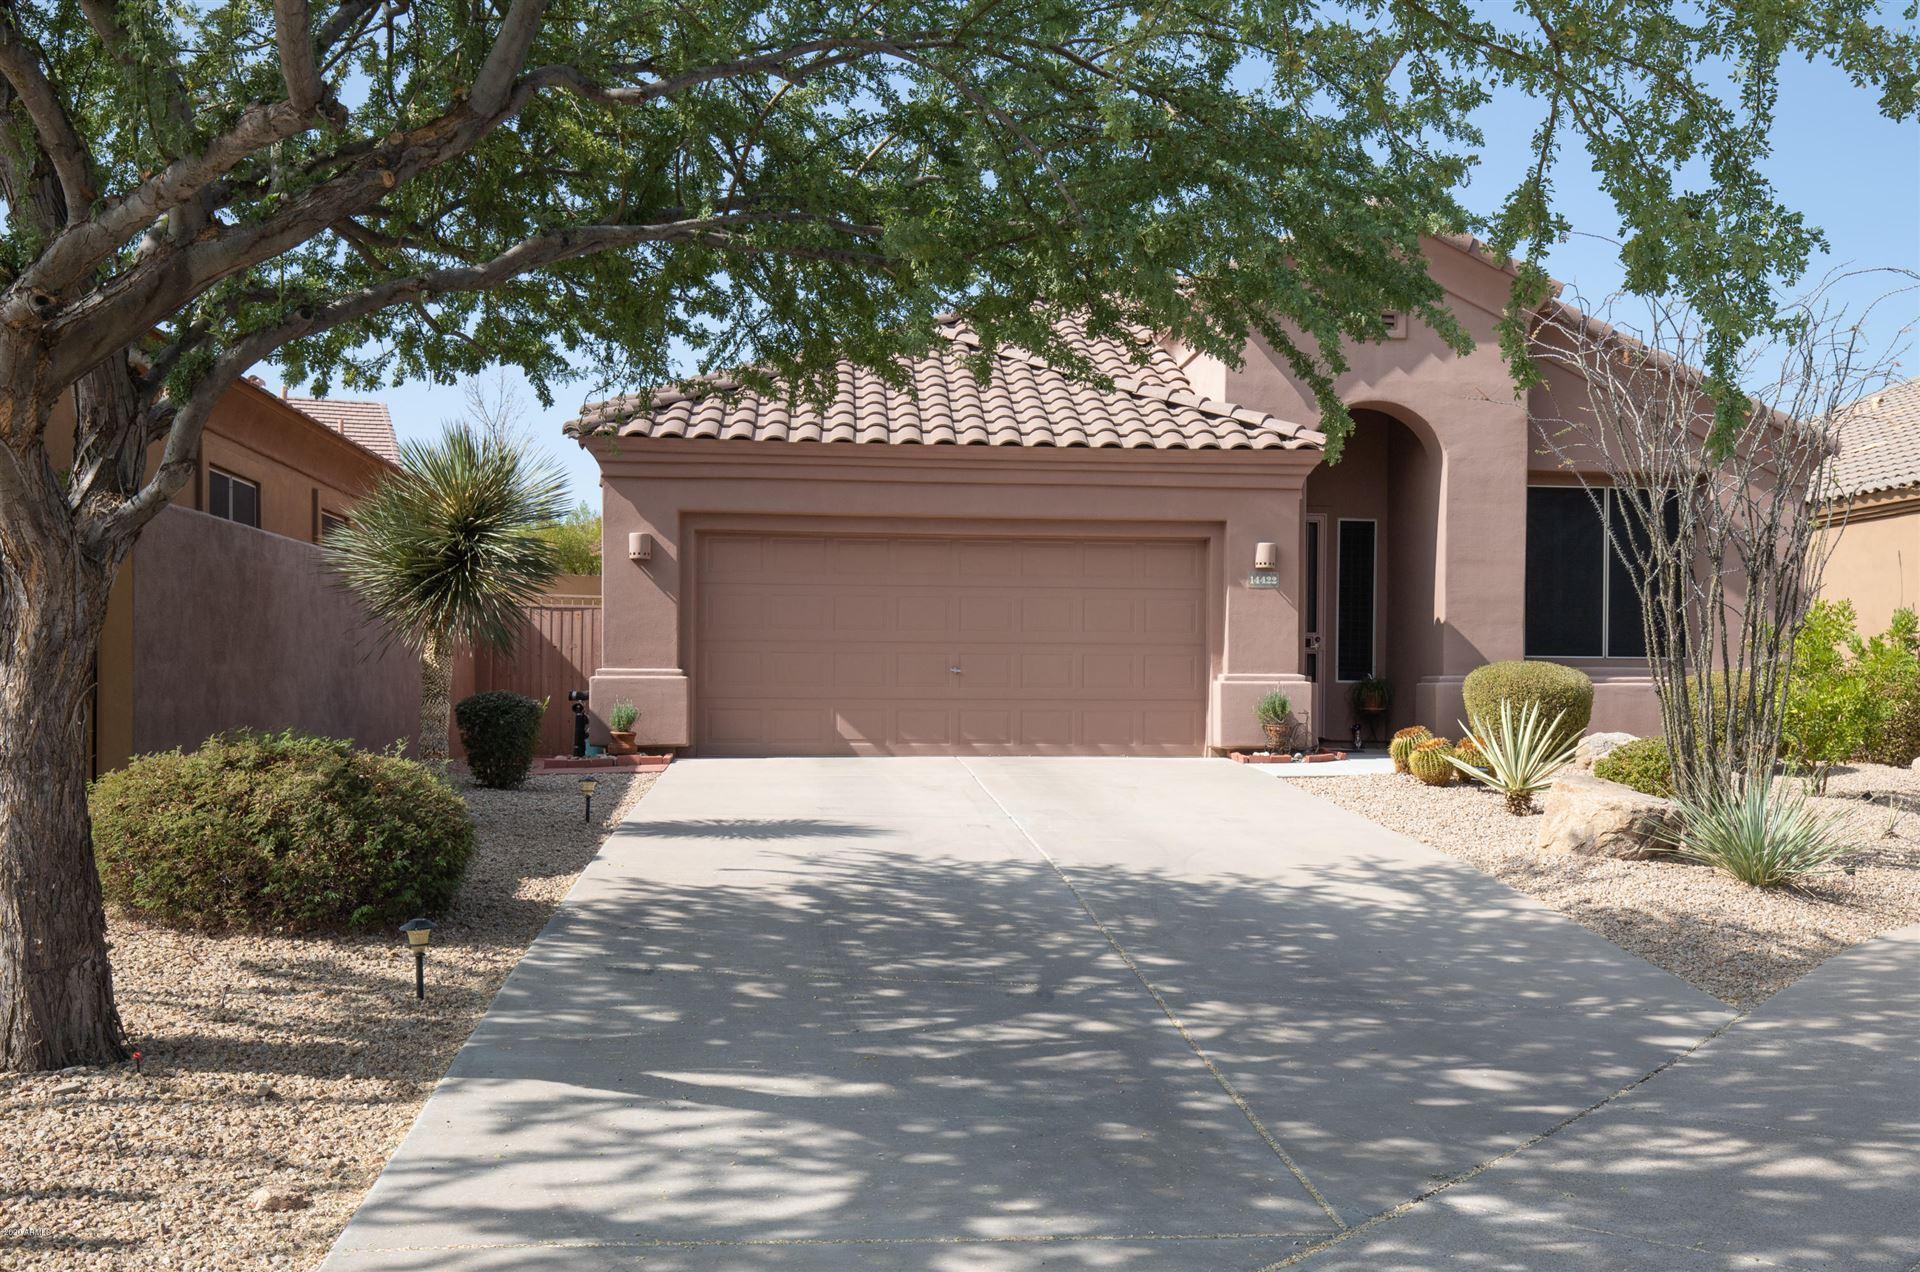 14422 N BUCKTHORN Court, Fountain Hills, AZ 85268 - MLS#: 6132268